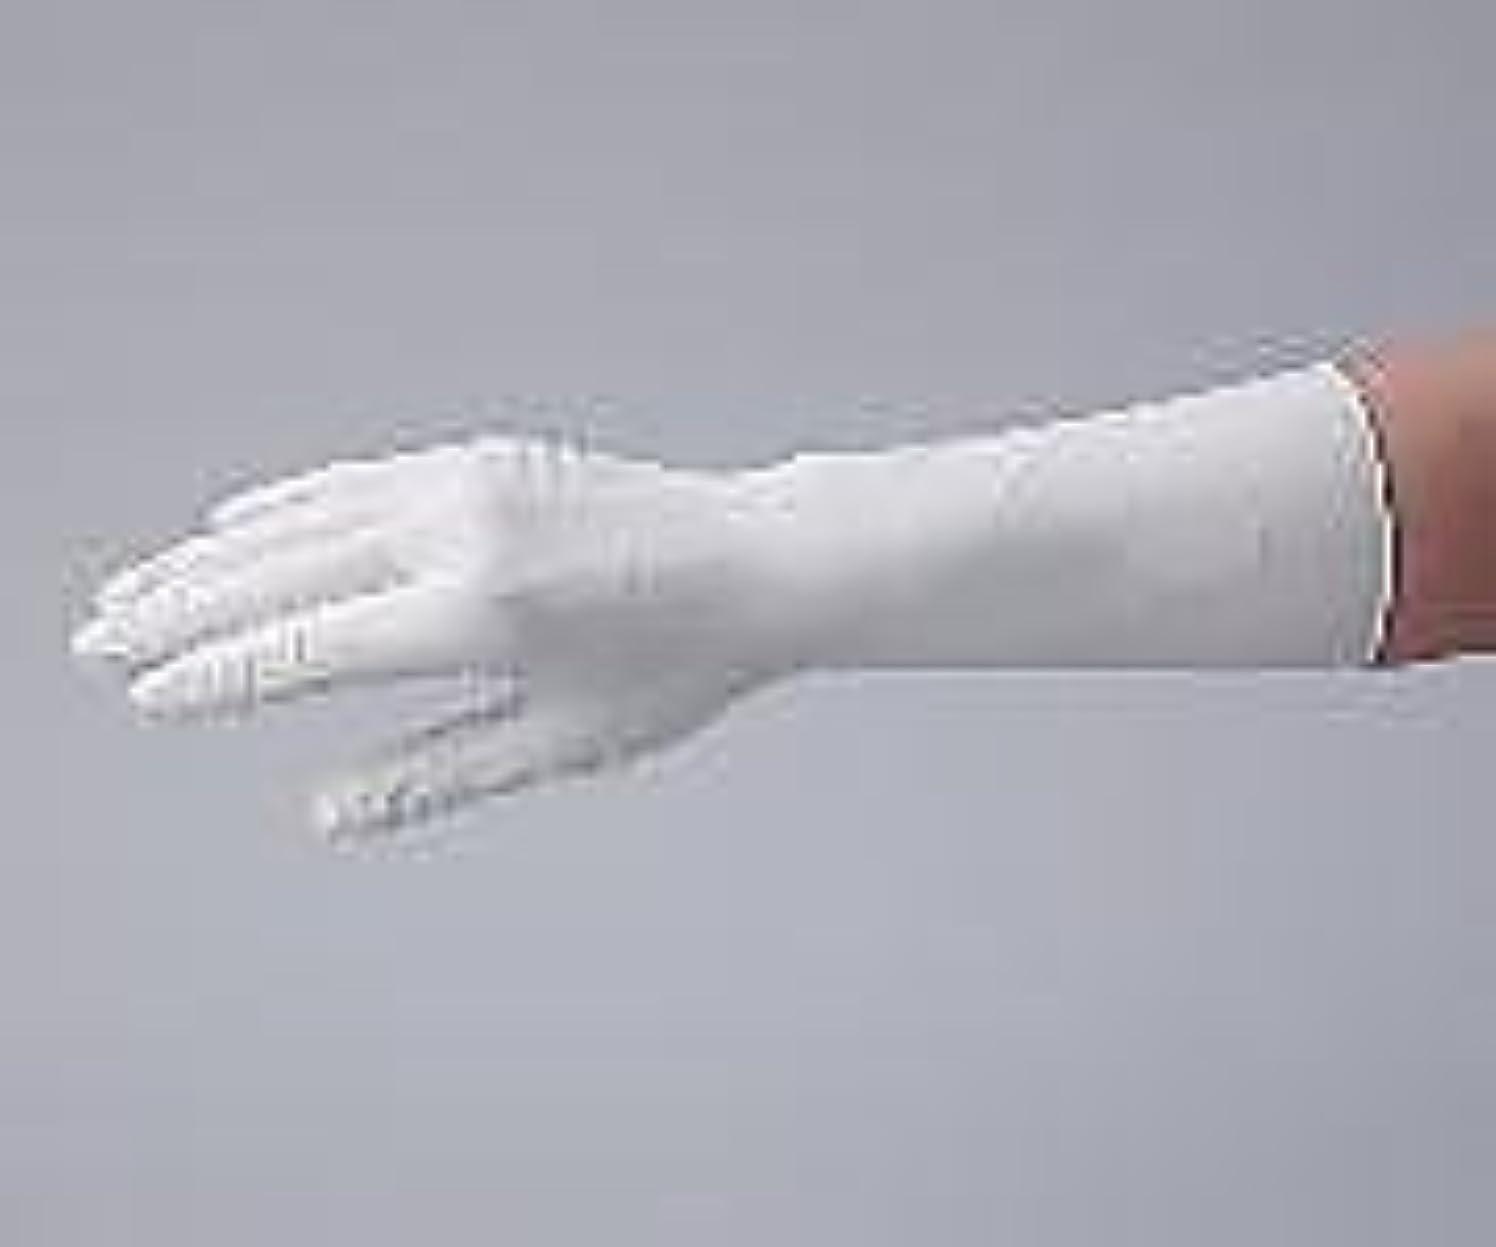 雰囲気怒るスープアズピュア(アズワン)1-2324-53アズピュアクリーンファーストニトリル手袋(ペアタイプ)クリーンパックM左右各50枚×10袋入